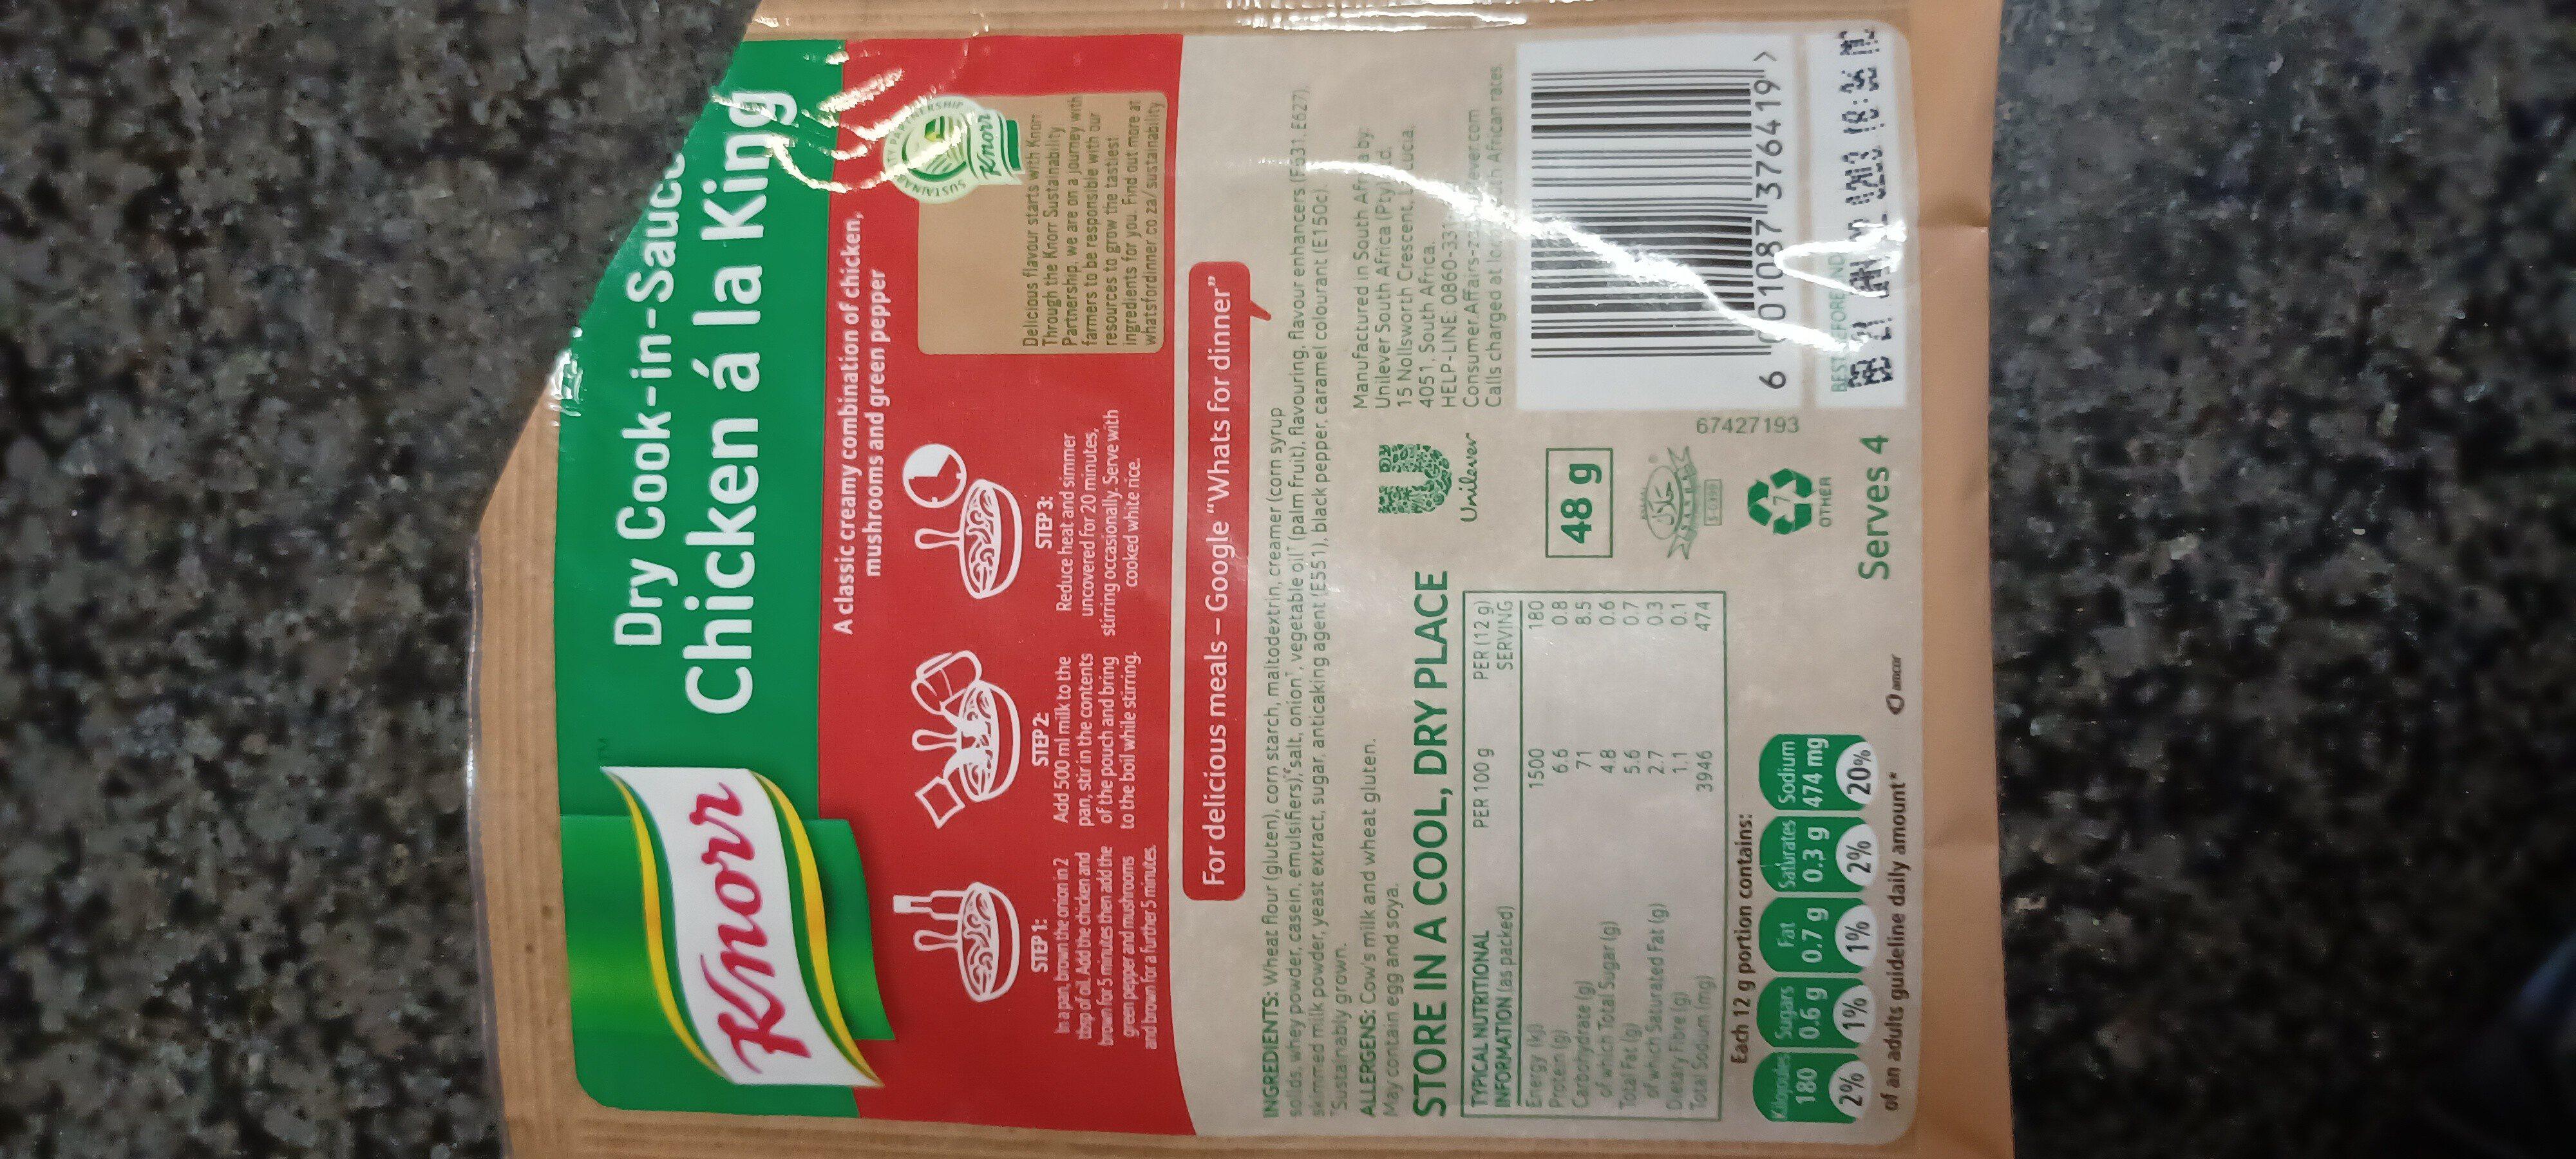 Knor Chicken a la king - Ingredienti - en